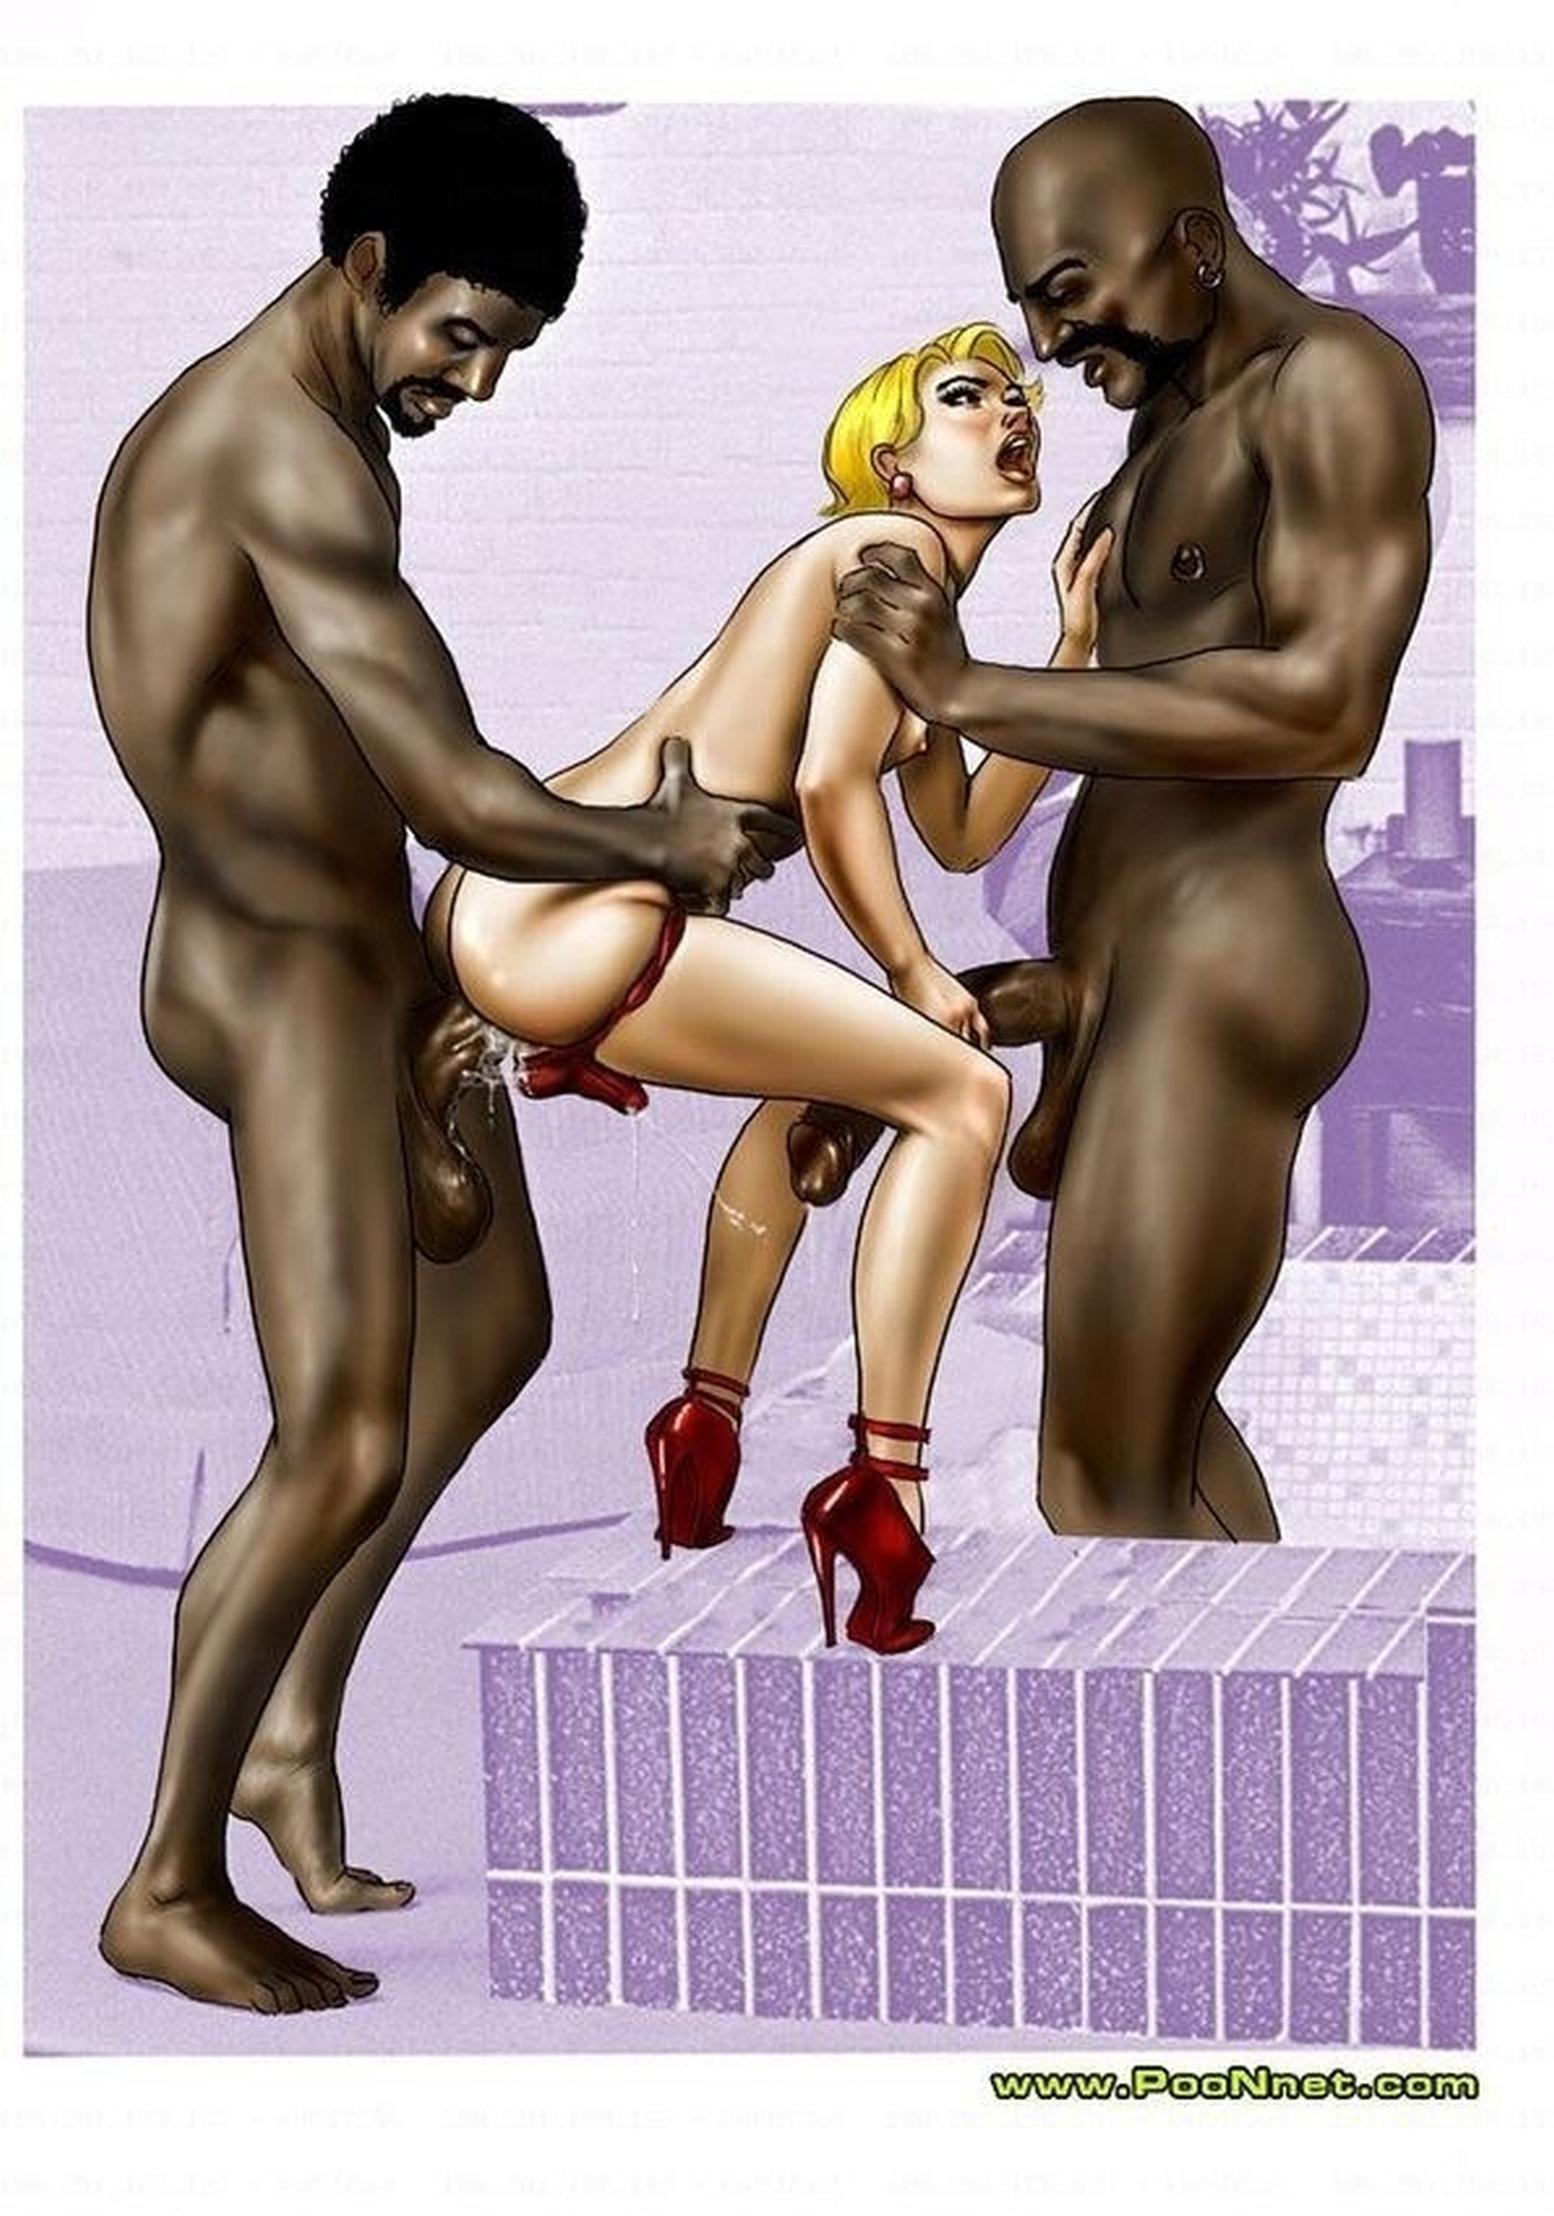 Adult sissy games